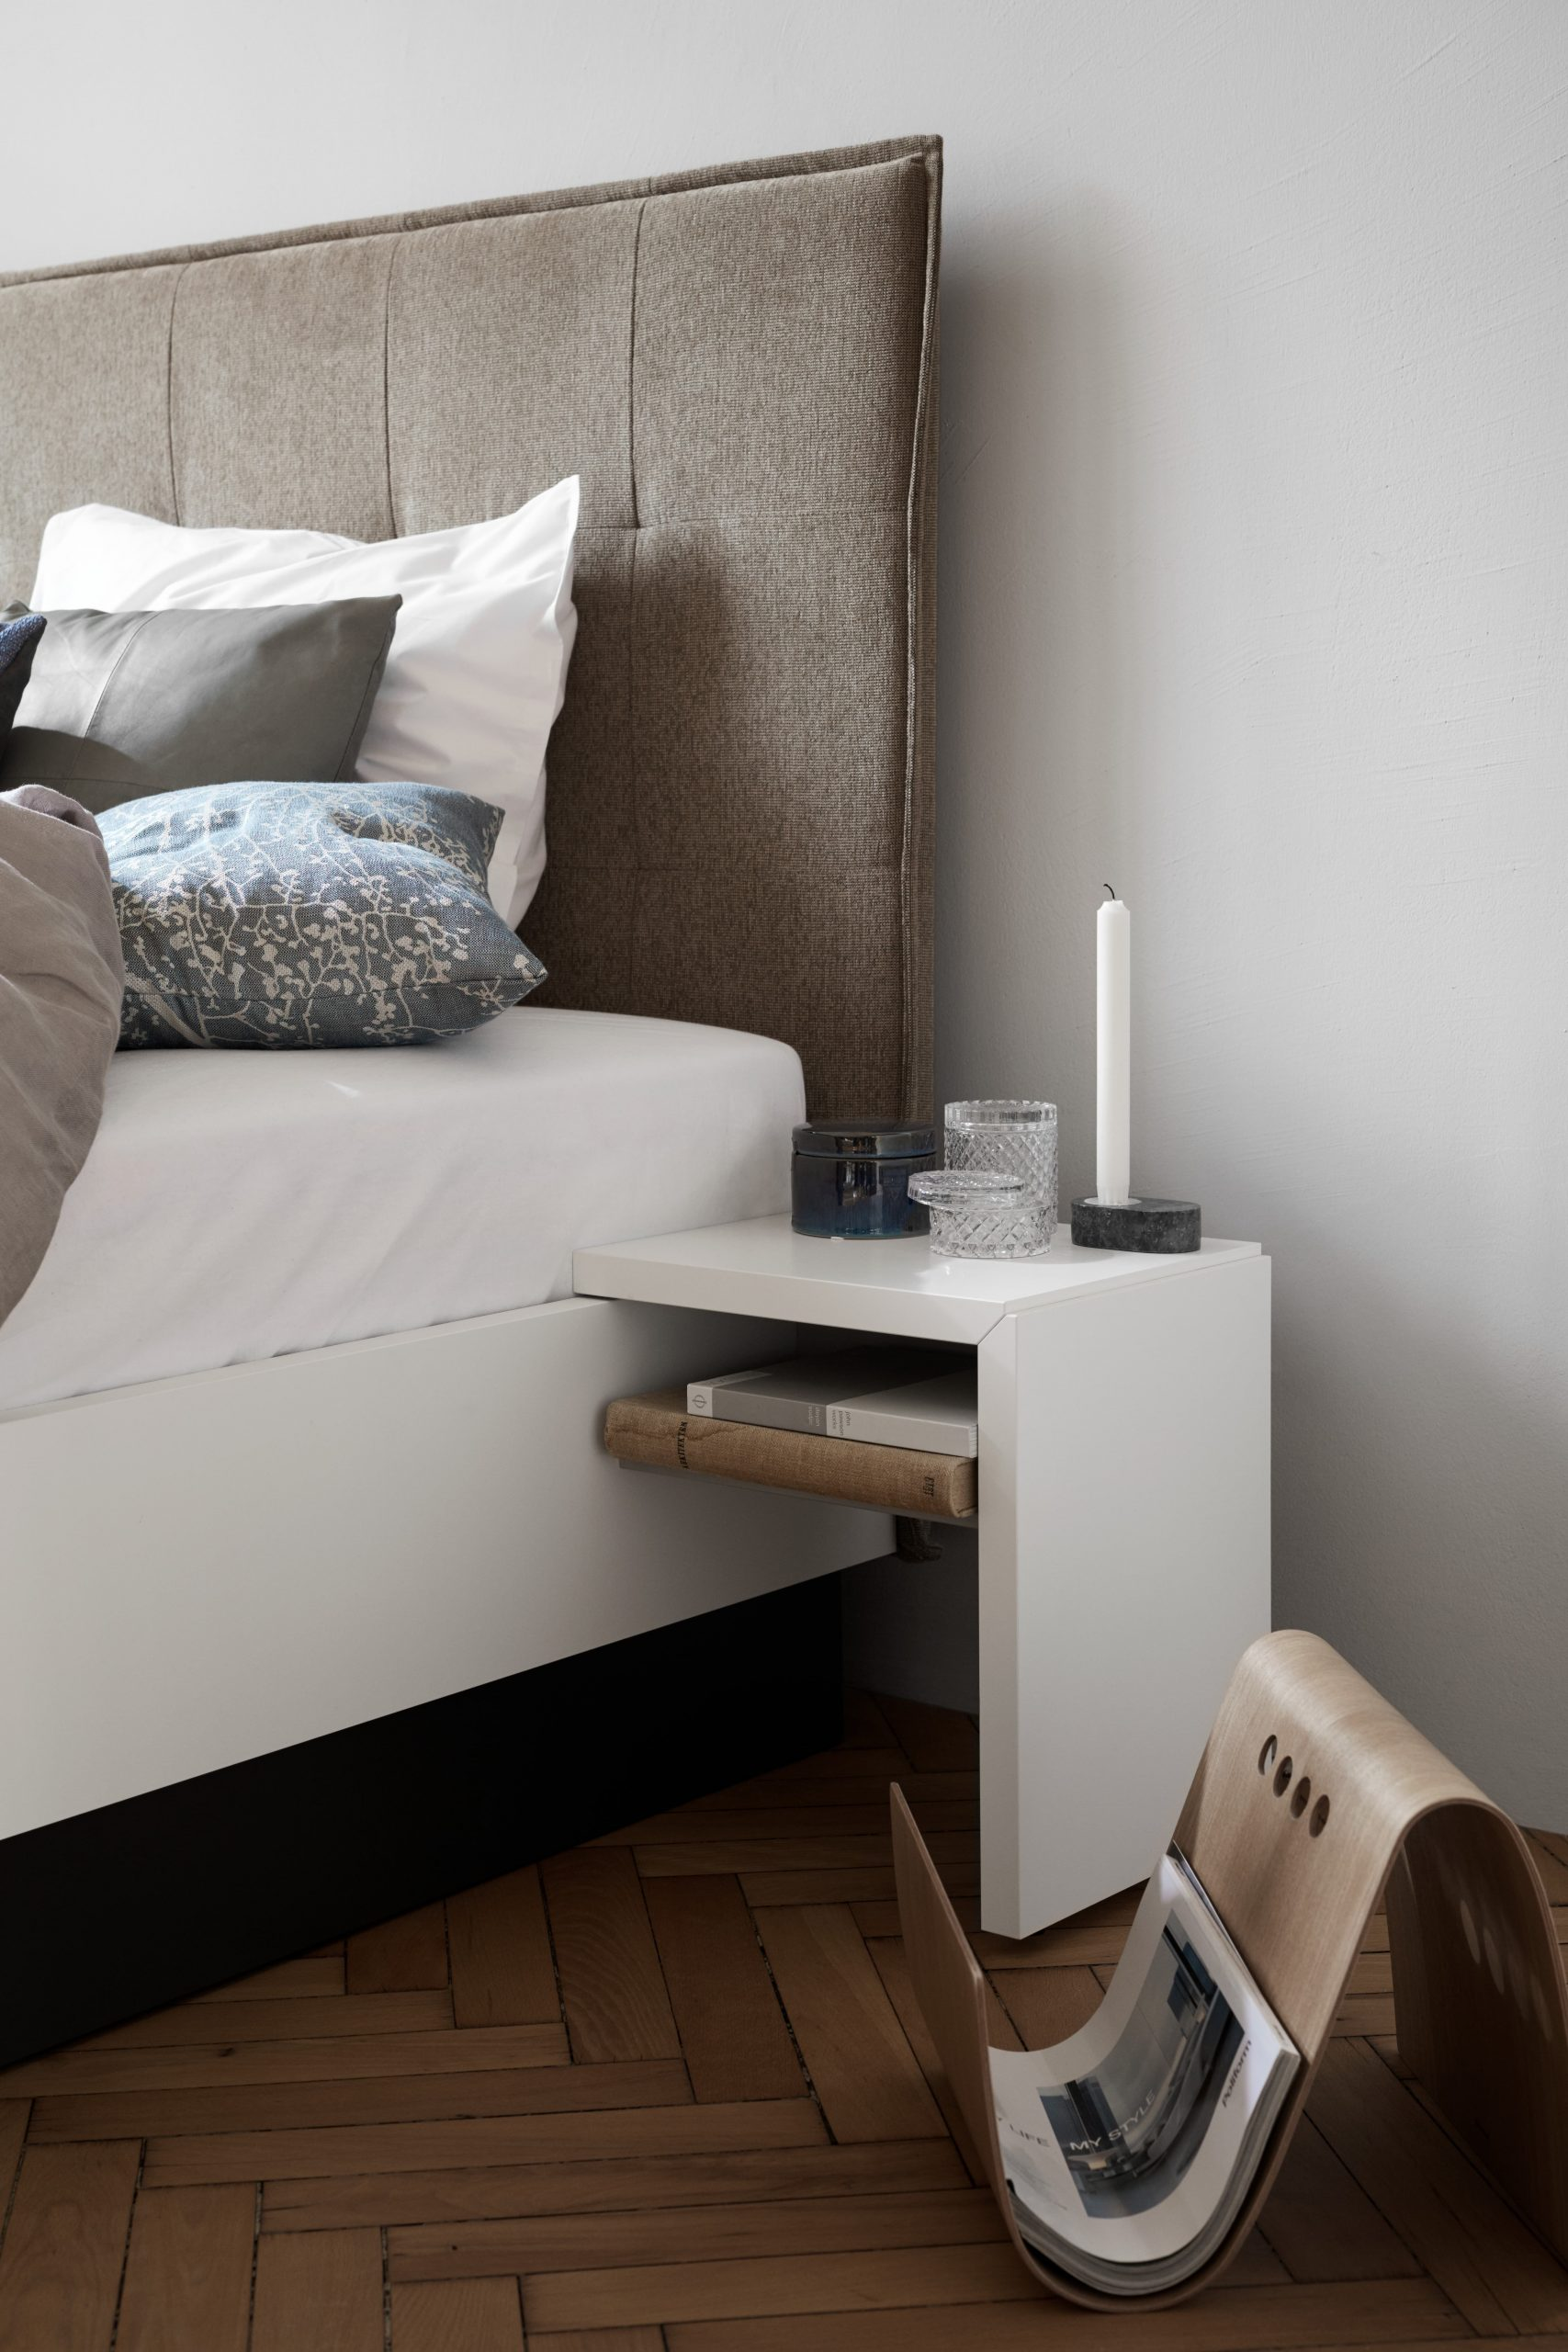 Full Size of Bett Italienisches Design Modern Puristisch Lugano Nachttisch Platzsparend Hasena Ebay Betten Rauch Metall Feng Shui Eiche Massiv 180x200 Mit Bettkasten Balken Bett Bett Modern Design